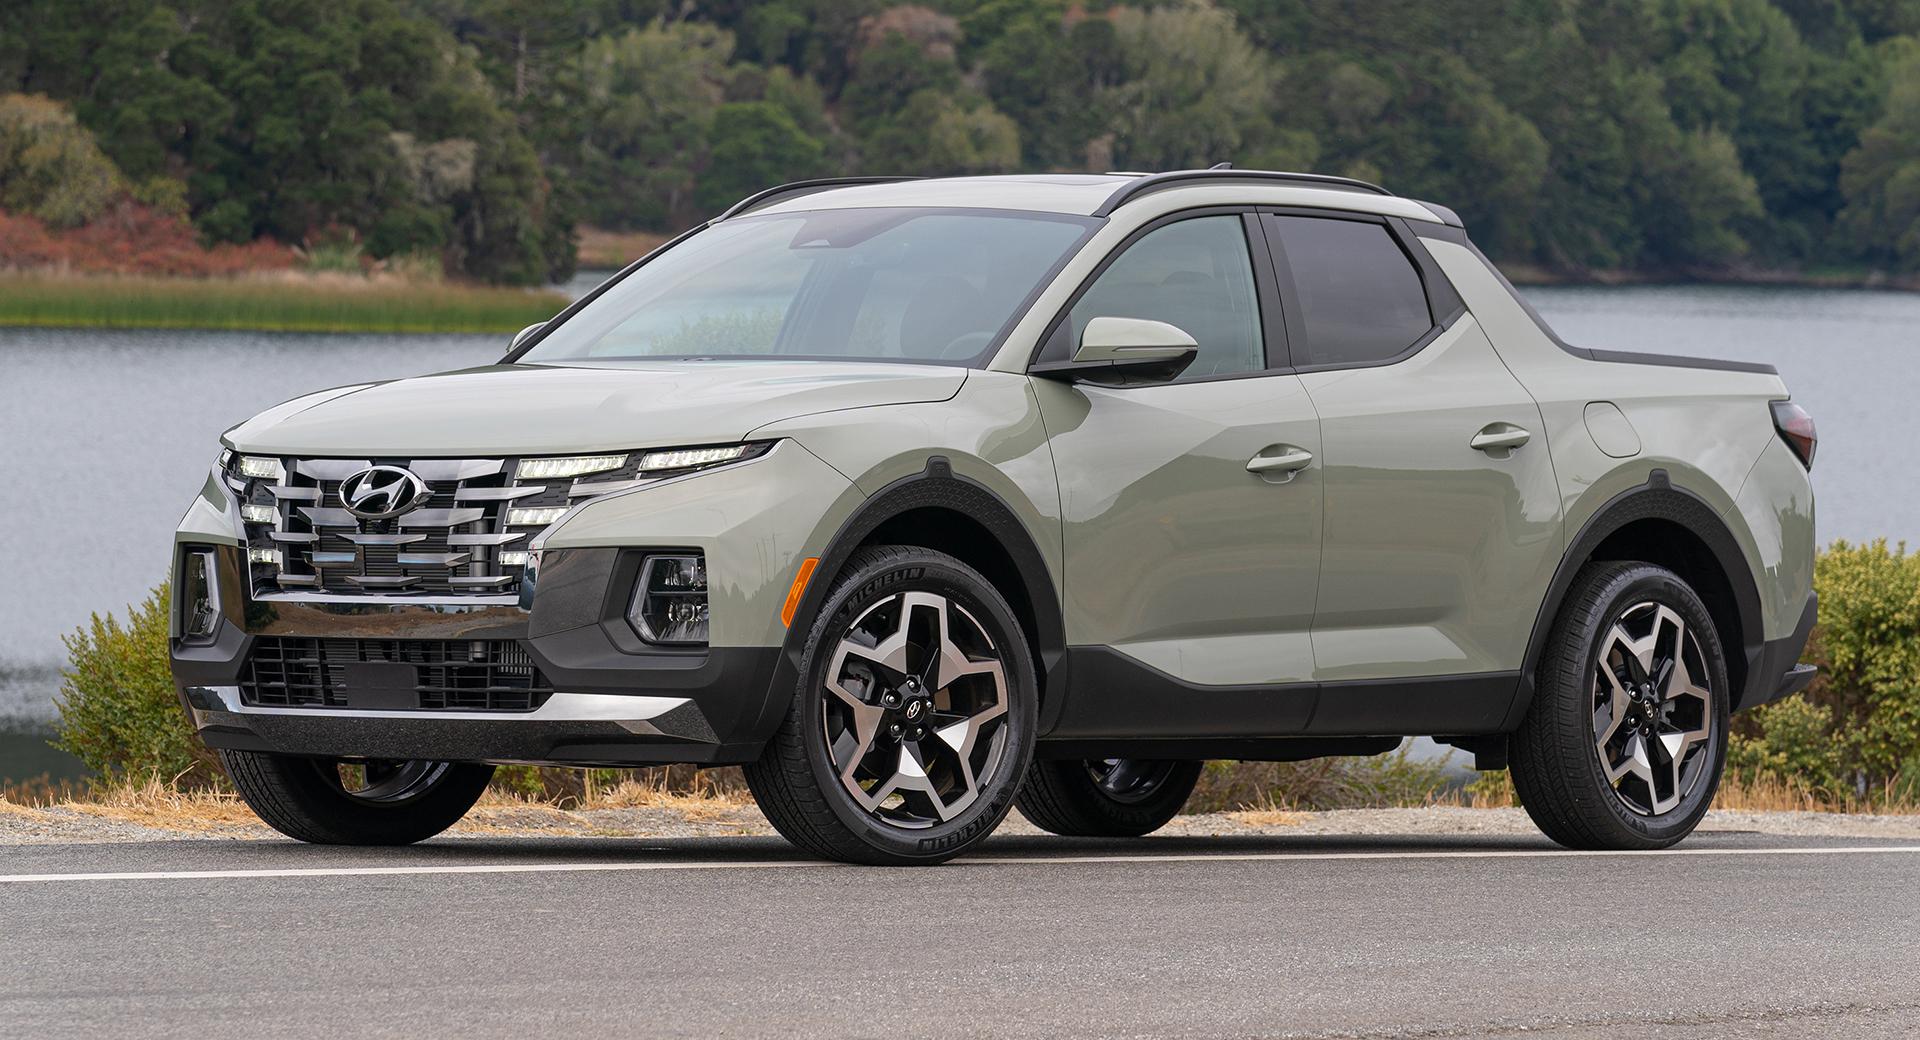 Hyundai Santa Cruz vượt Chevrolet Corvette trở thành mẫu xe mới bán nhanh nhất tại Mỹ hyundai-santa-cruz-2.jpg